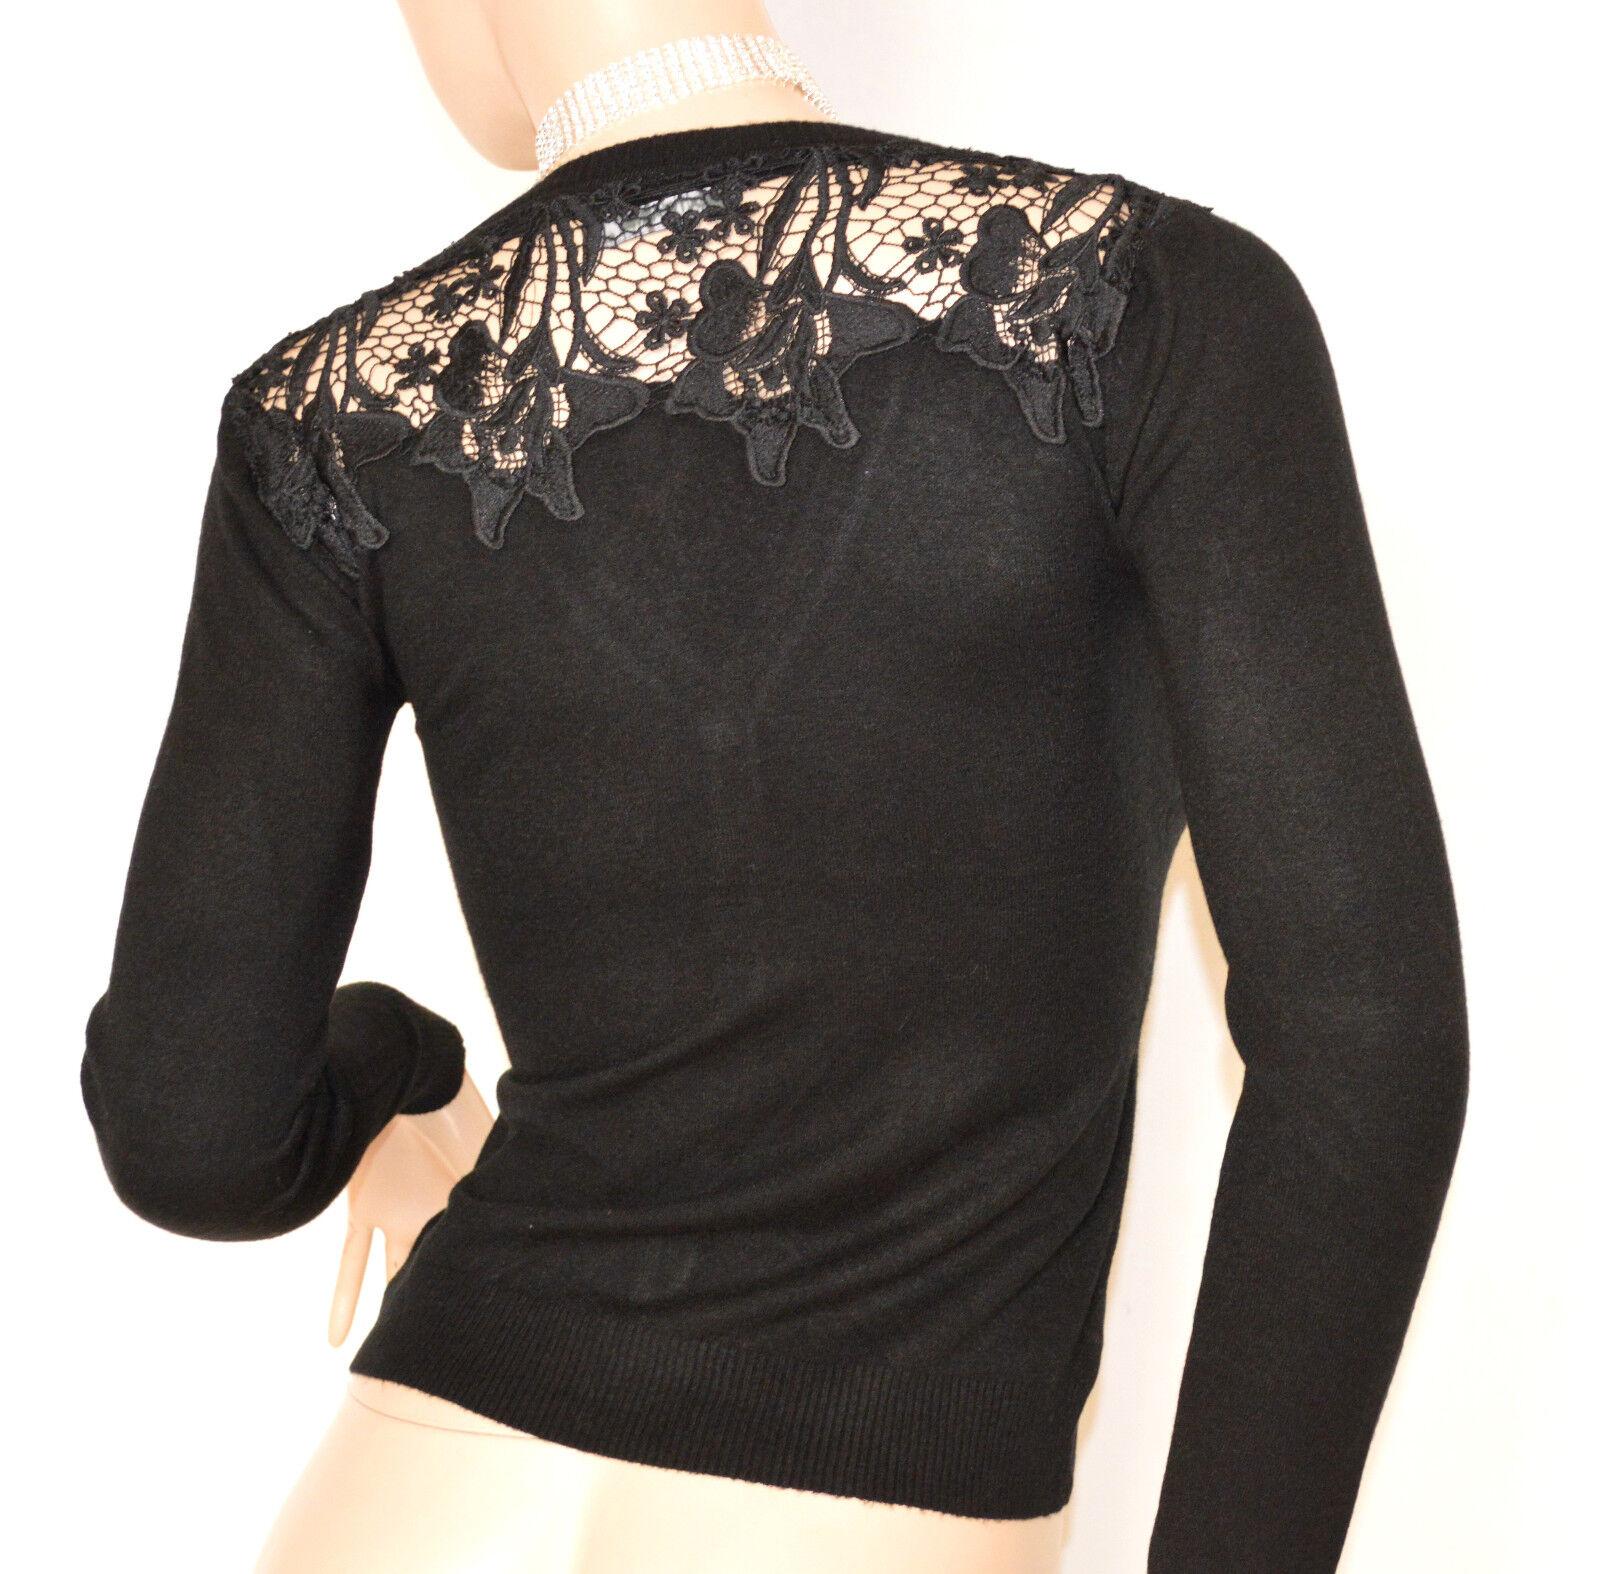 MAGLIETTA NERA cardigan donna ricamata strass strass strass maglia maglione sottogiacca F115 ce4f96